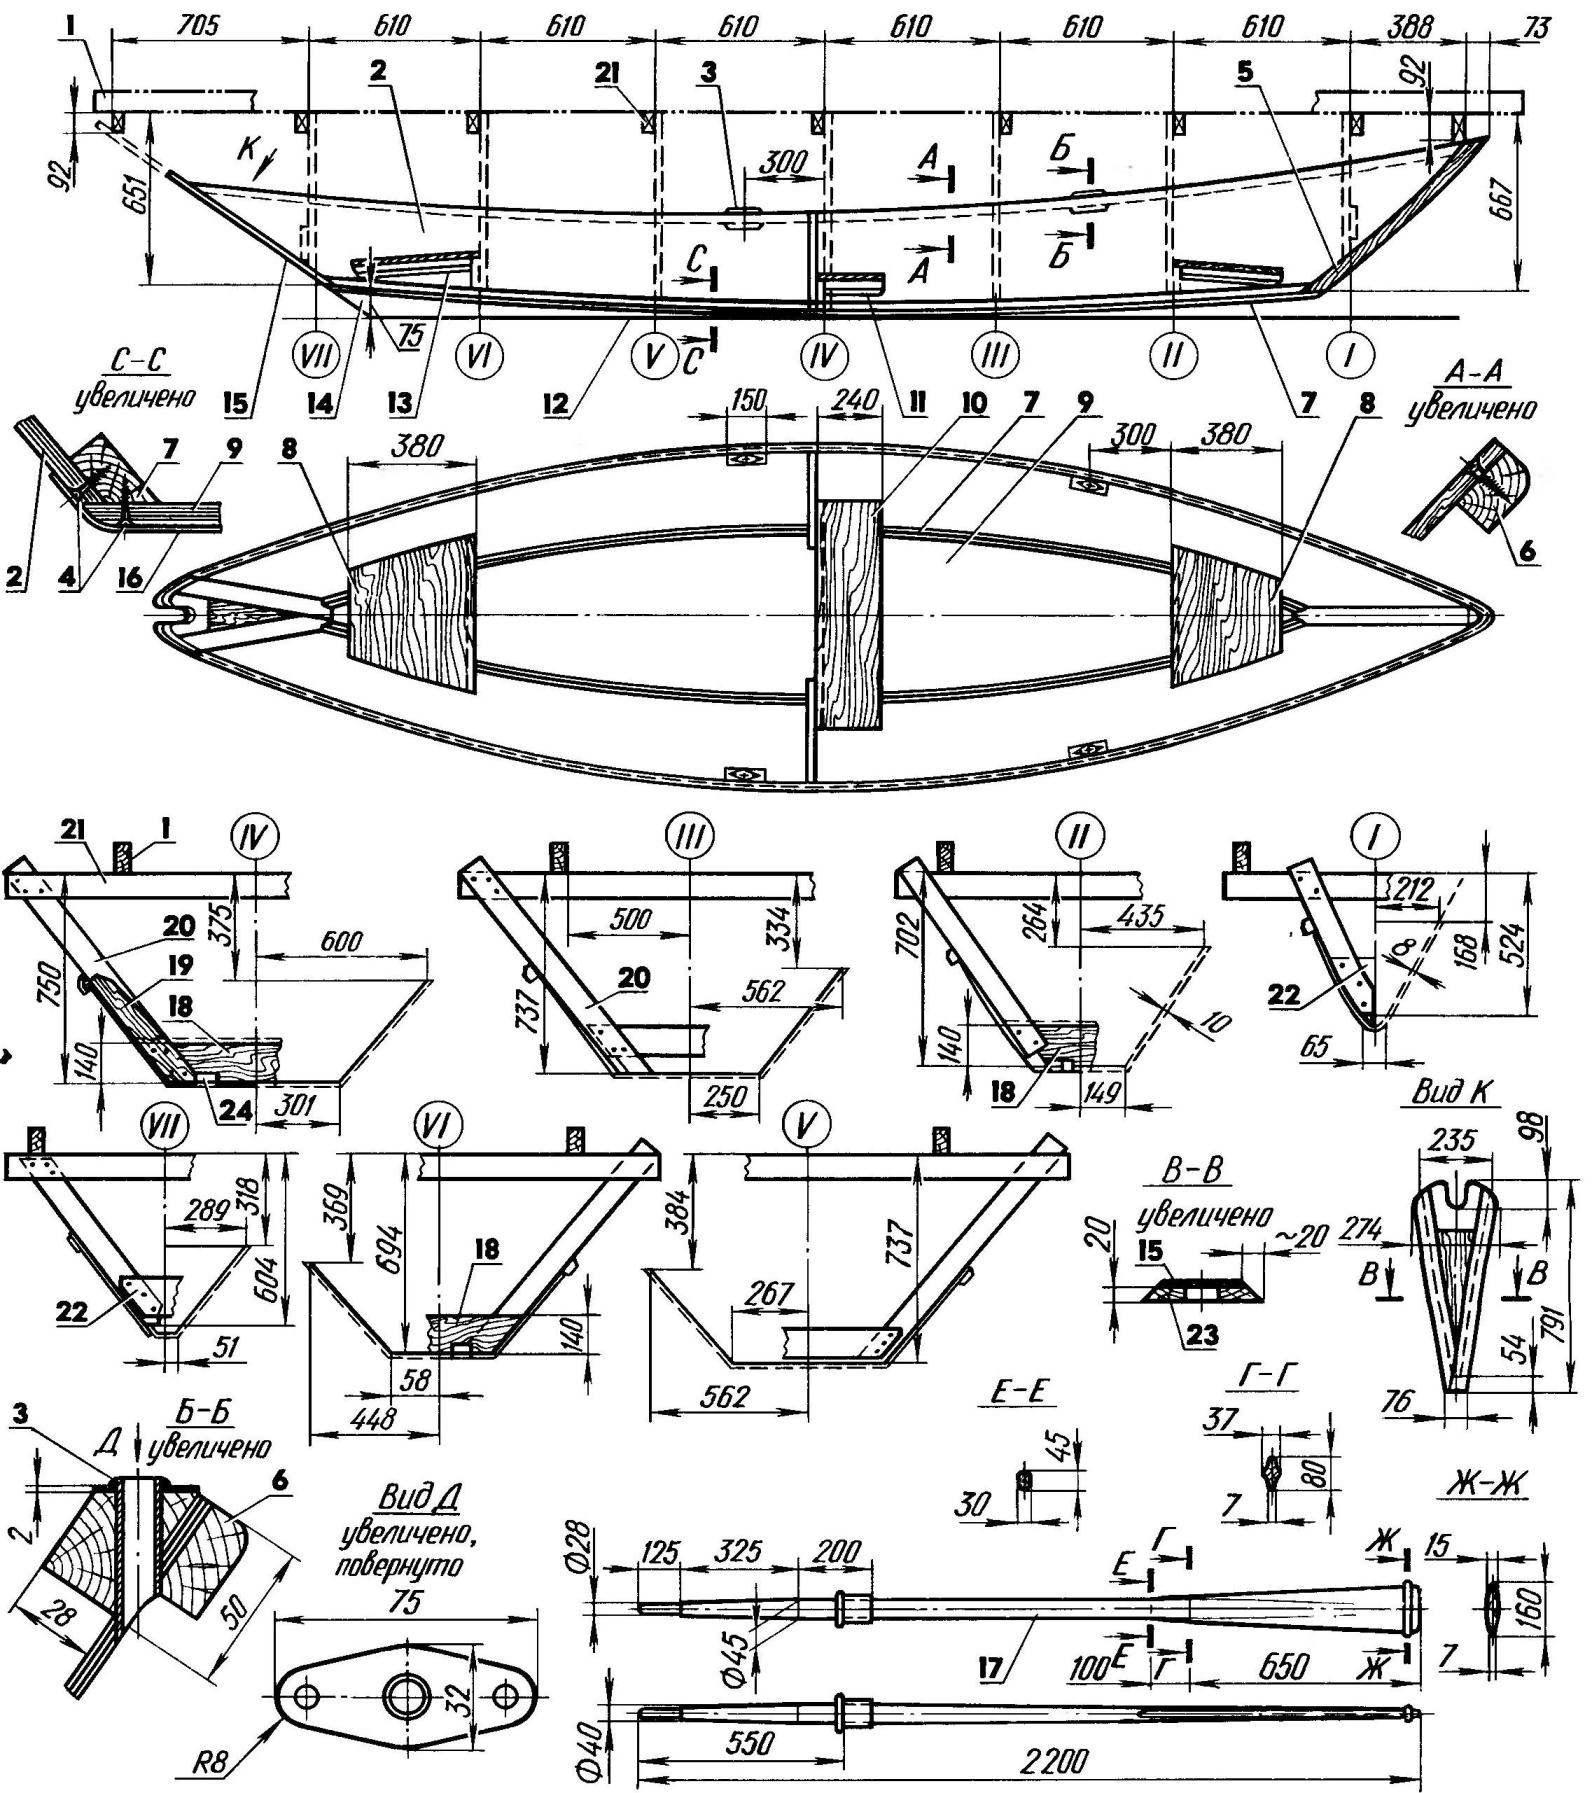 Гребная лодка на базе универсального корпуса